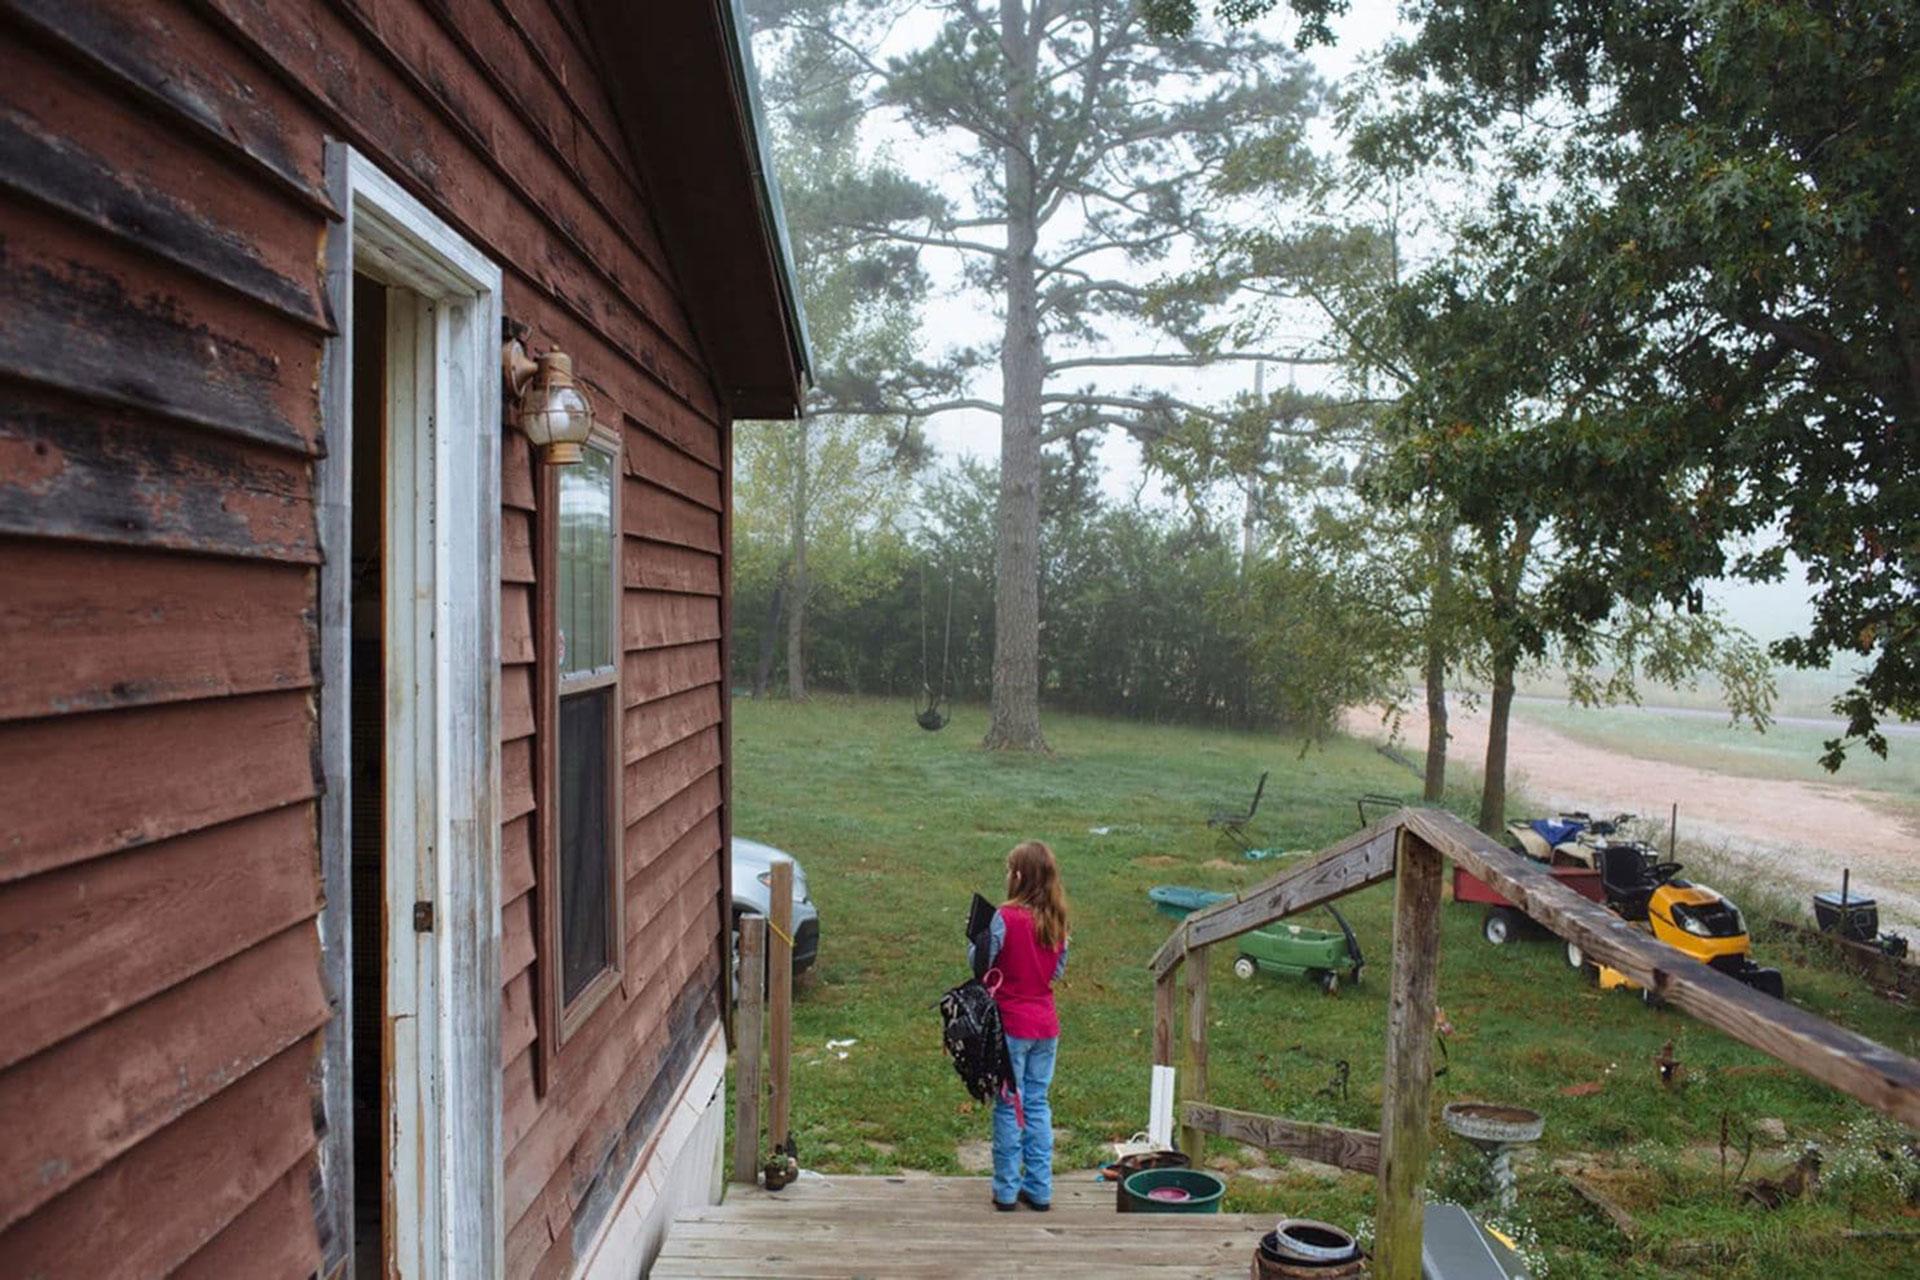 Raeleigh espera que su abuela la lleve a su escuela cerca de Vanzant, Missouri(Angus Mordant/The Washington Post)